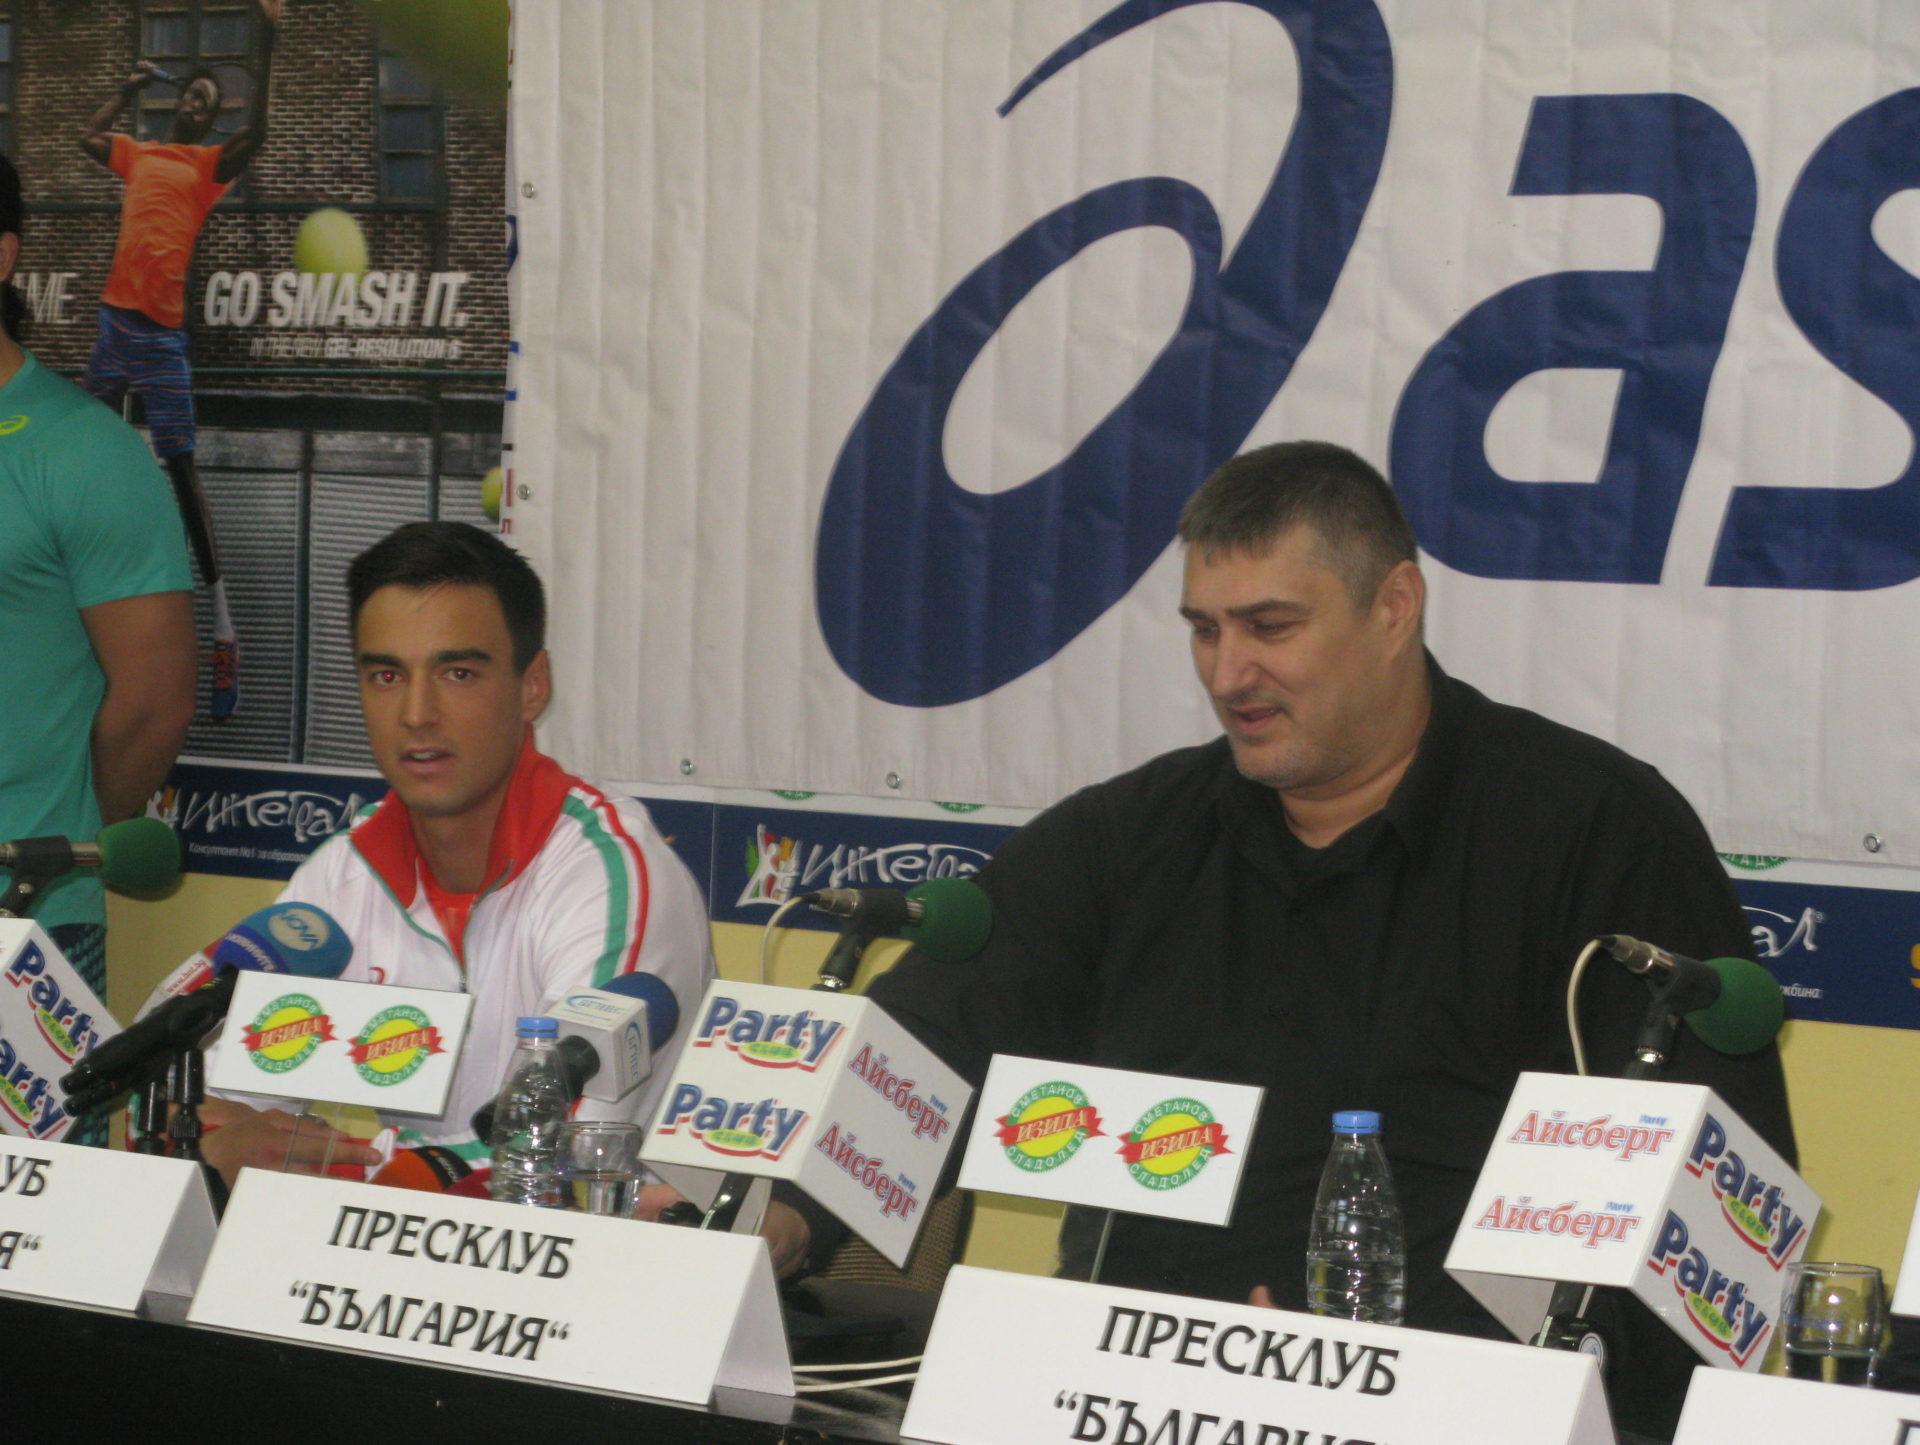 Един ден на... Димитър Кузманов: Отменянето на Уимблъдън бе неизбежно, но Sofia open  ще се проведе, макар и малко по-късно от предвидените дати